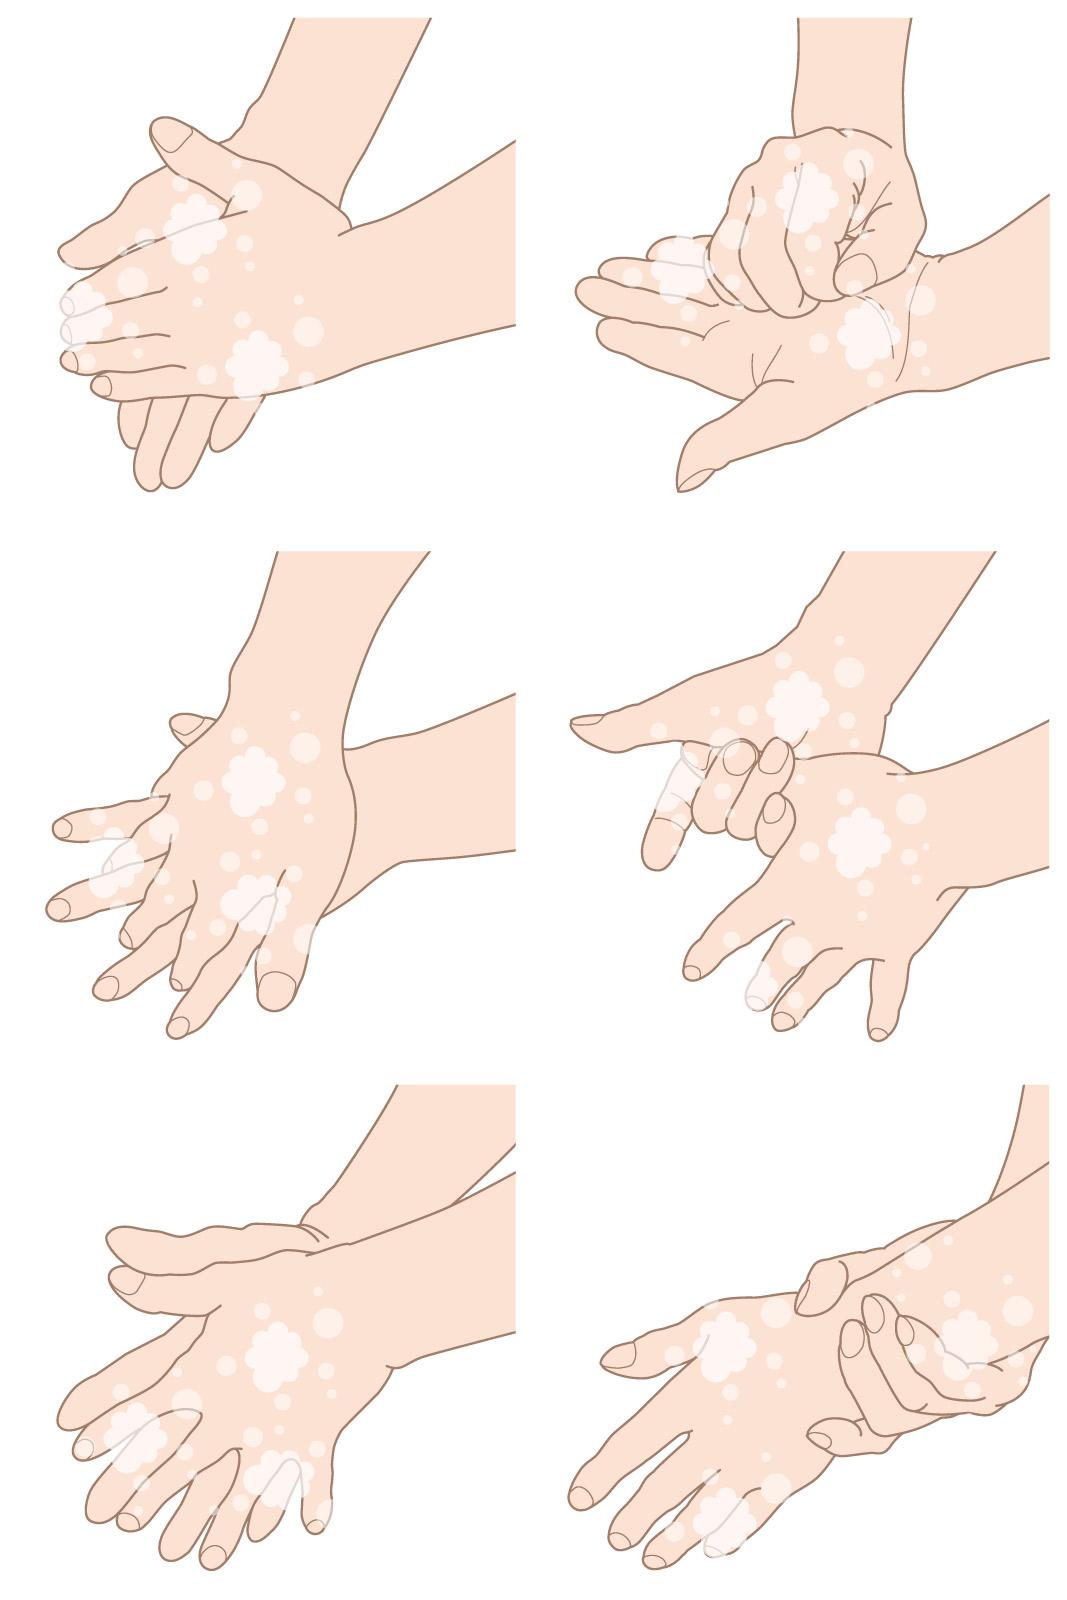 病気 予防 手洗い